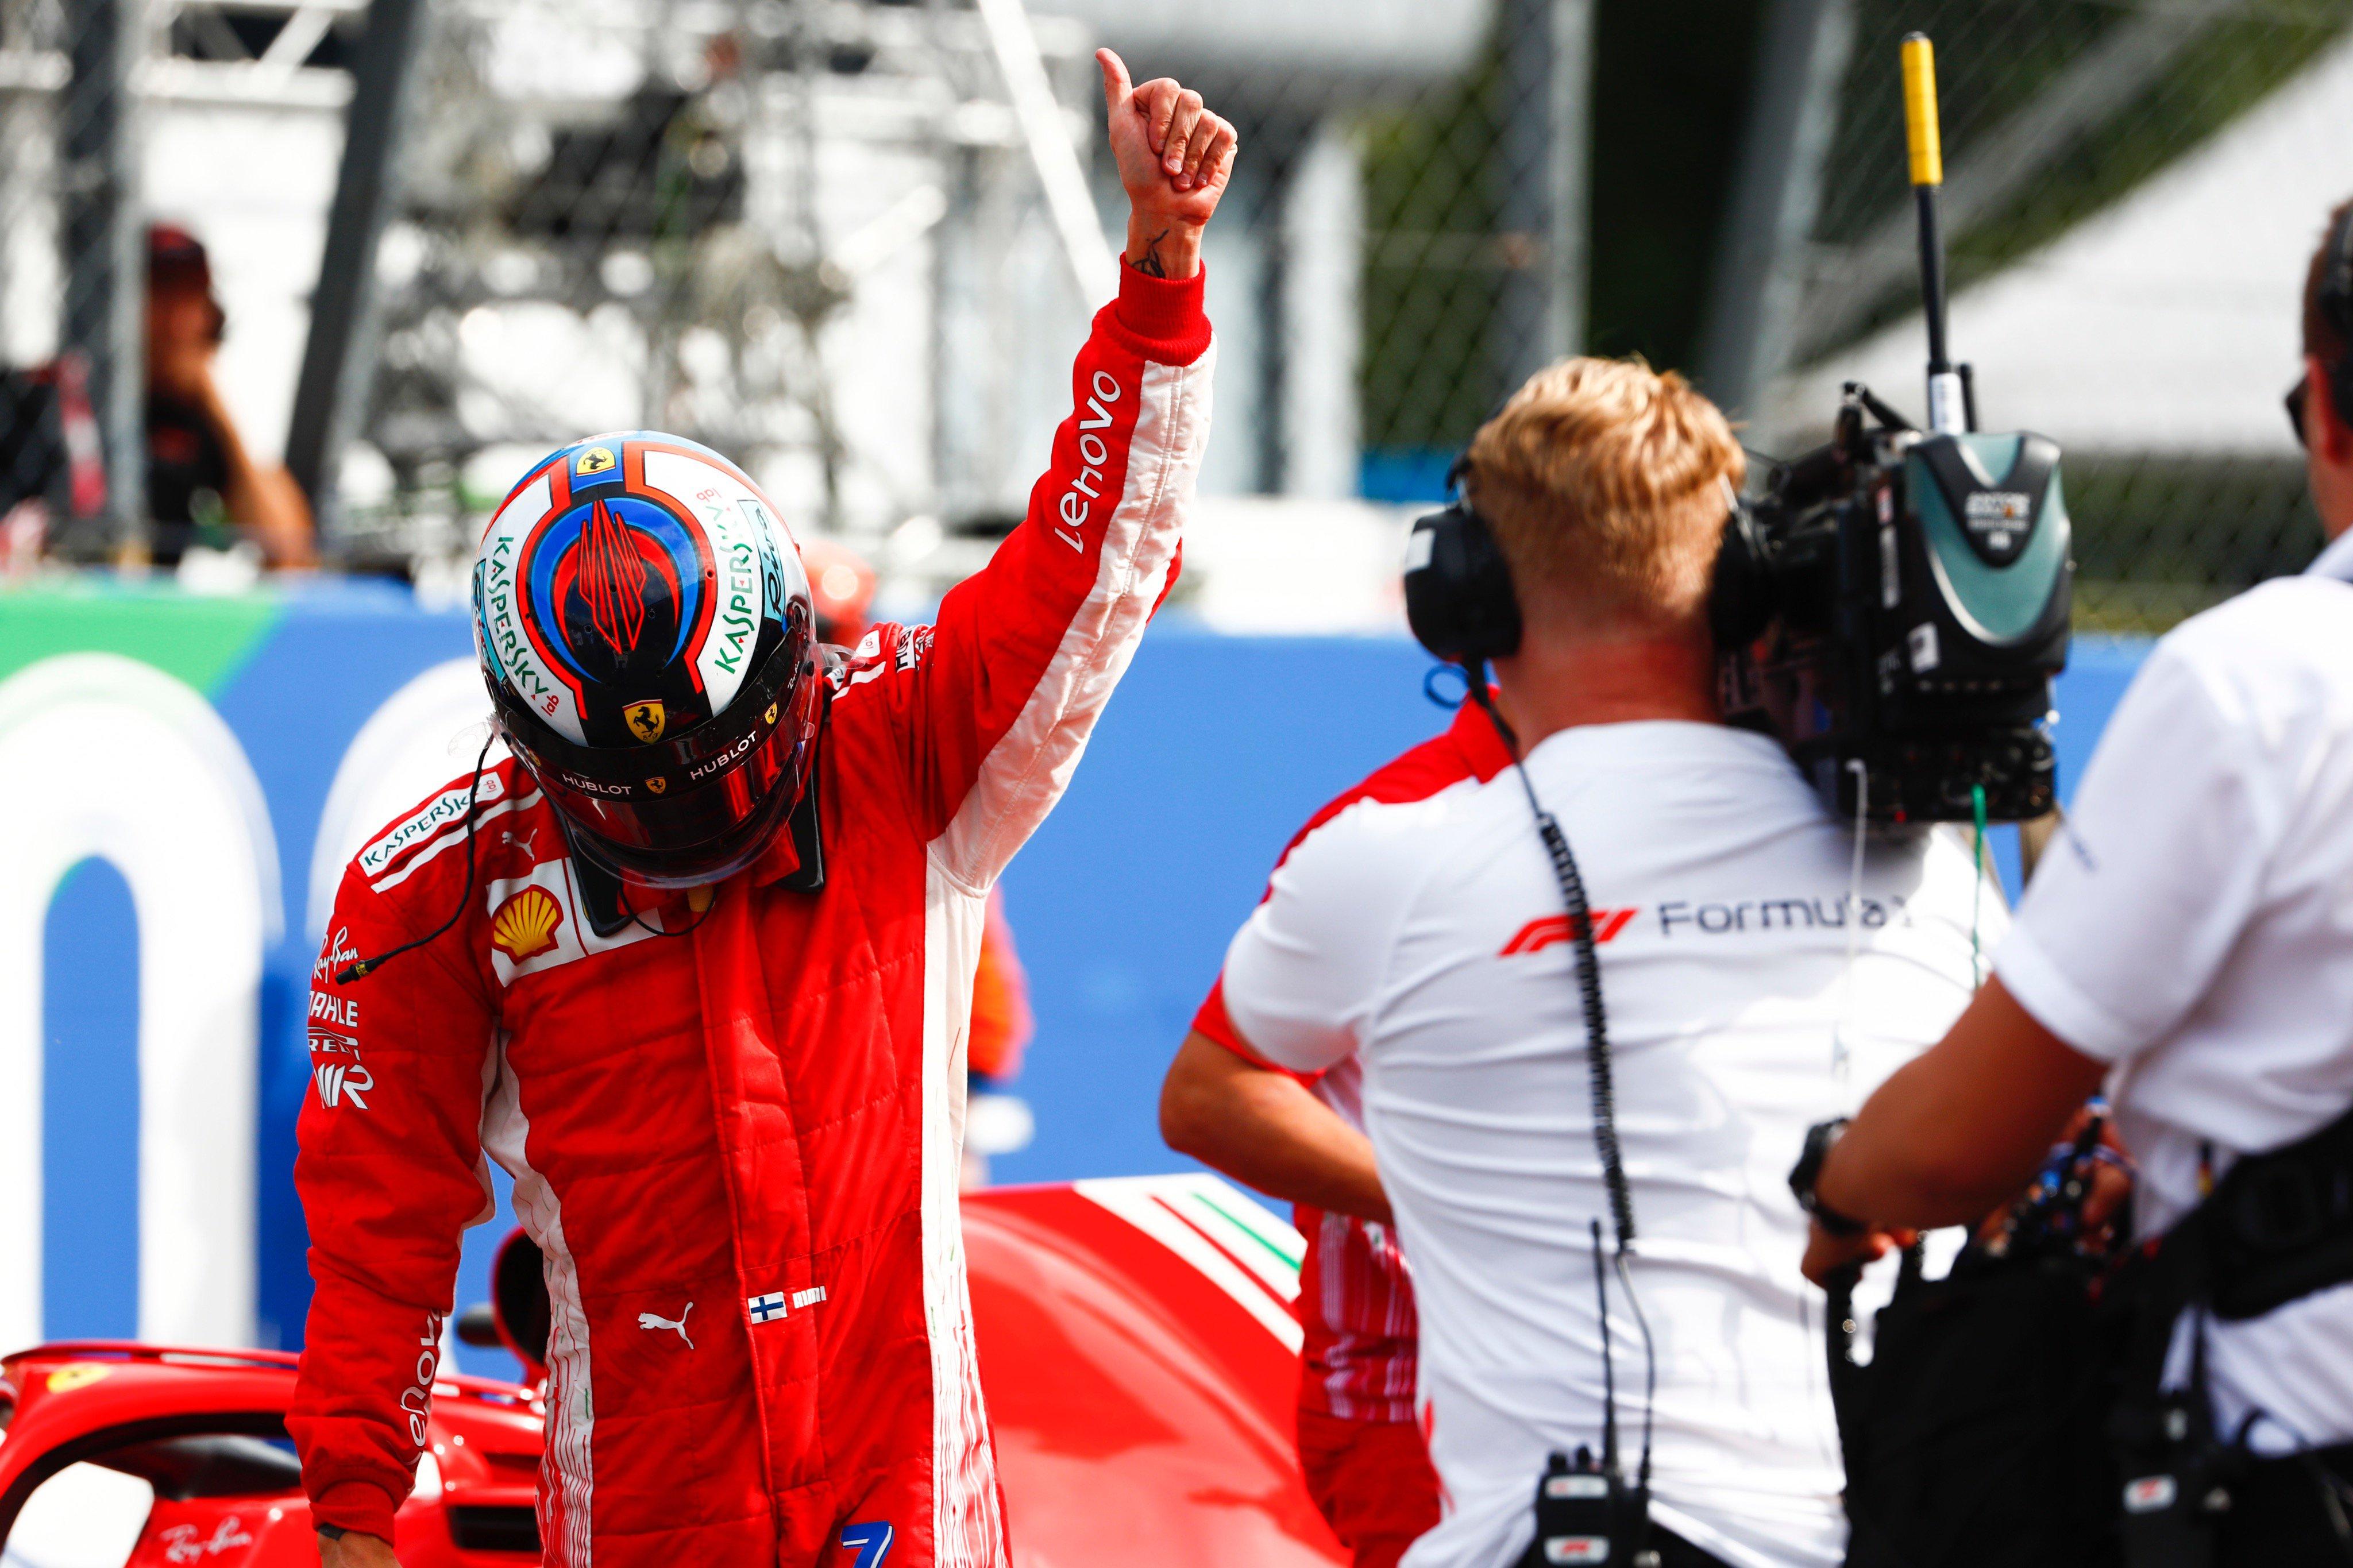 Pirelli s'attend à ce que le record de Monza signé par Raikkonen en 2018 soit battu cette année 1